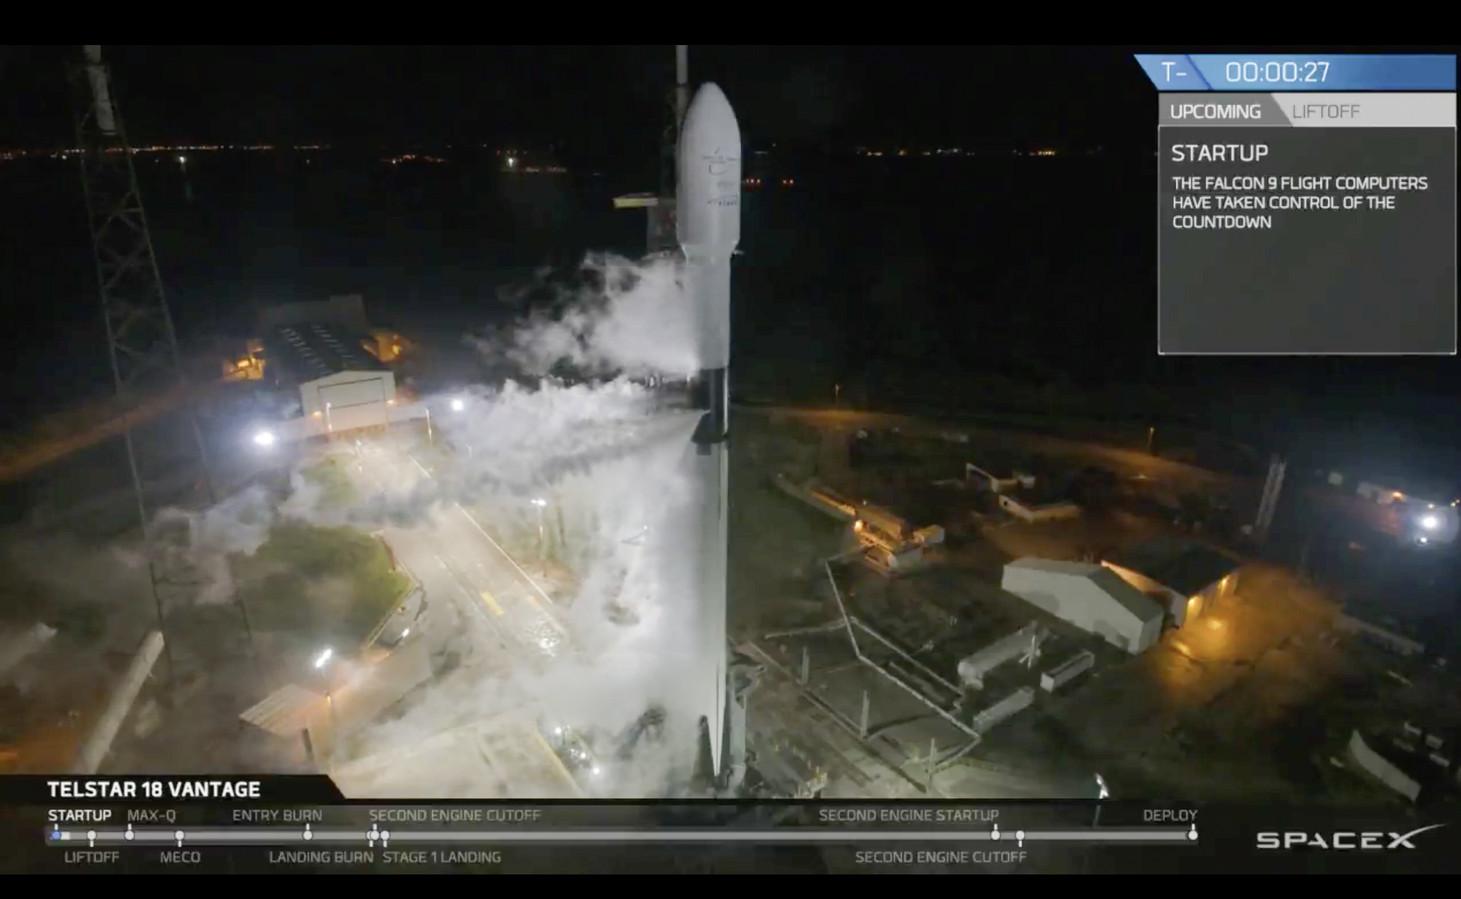 De Block 5-configuratie van de Falcon 9 is het resultaat van 'belachelijk' hard werken, zegt SpaceX-baas Elon Musk.